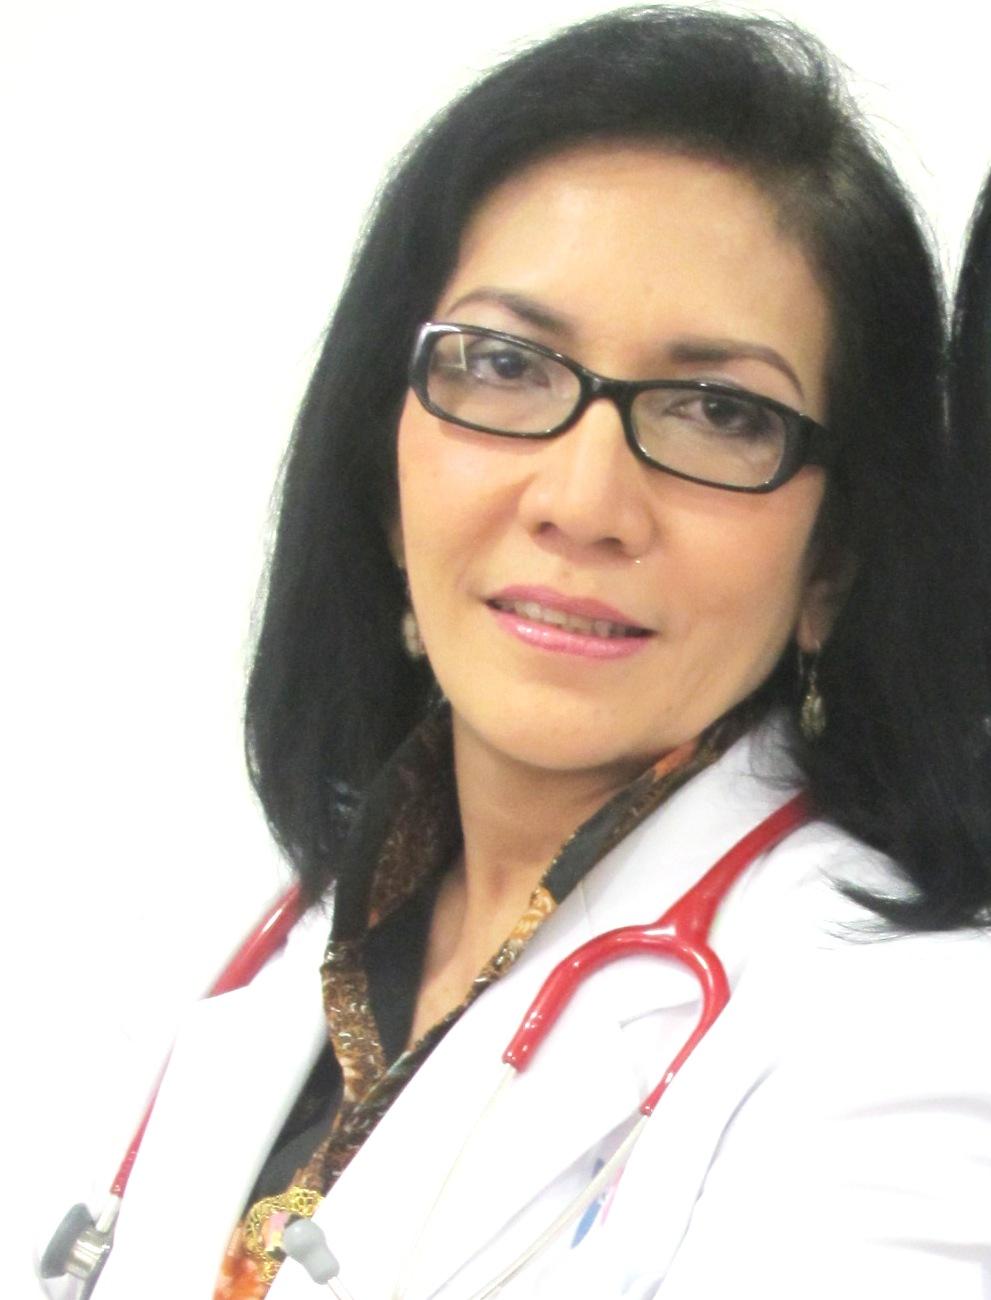 Dr. Evita K Bermanshah Ifran